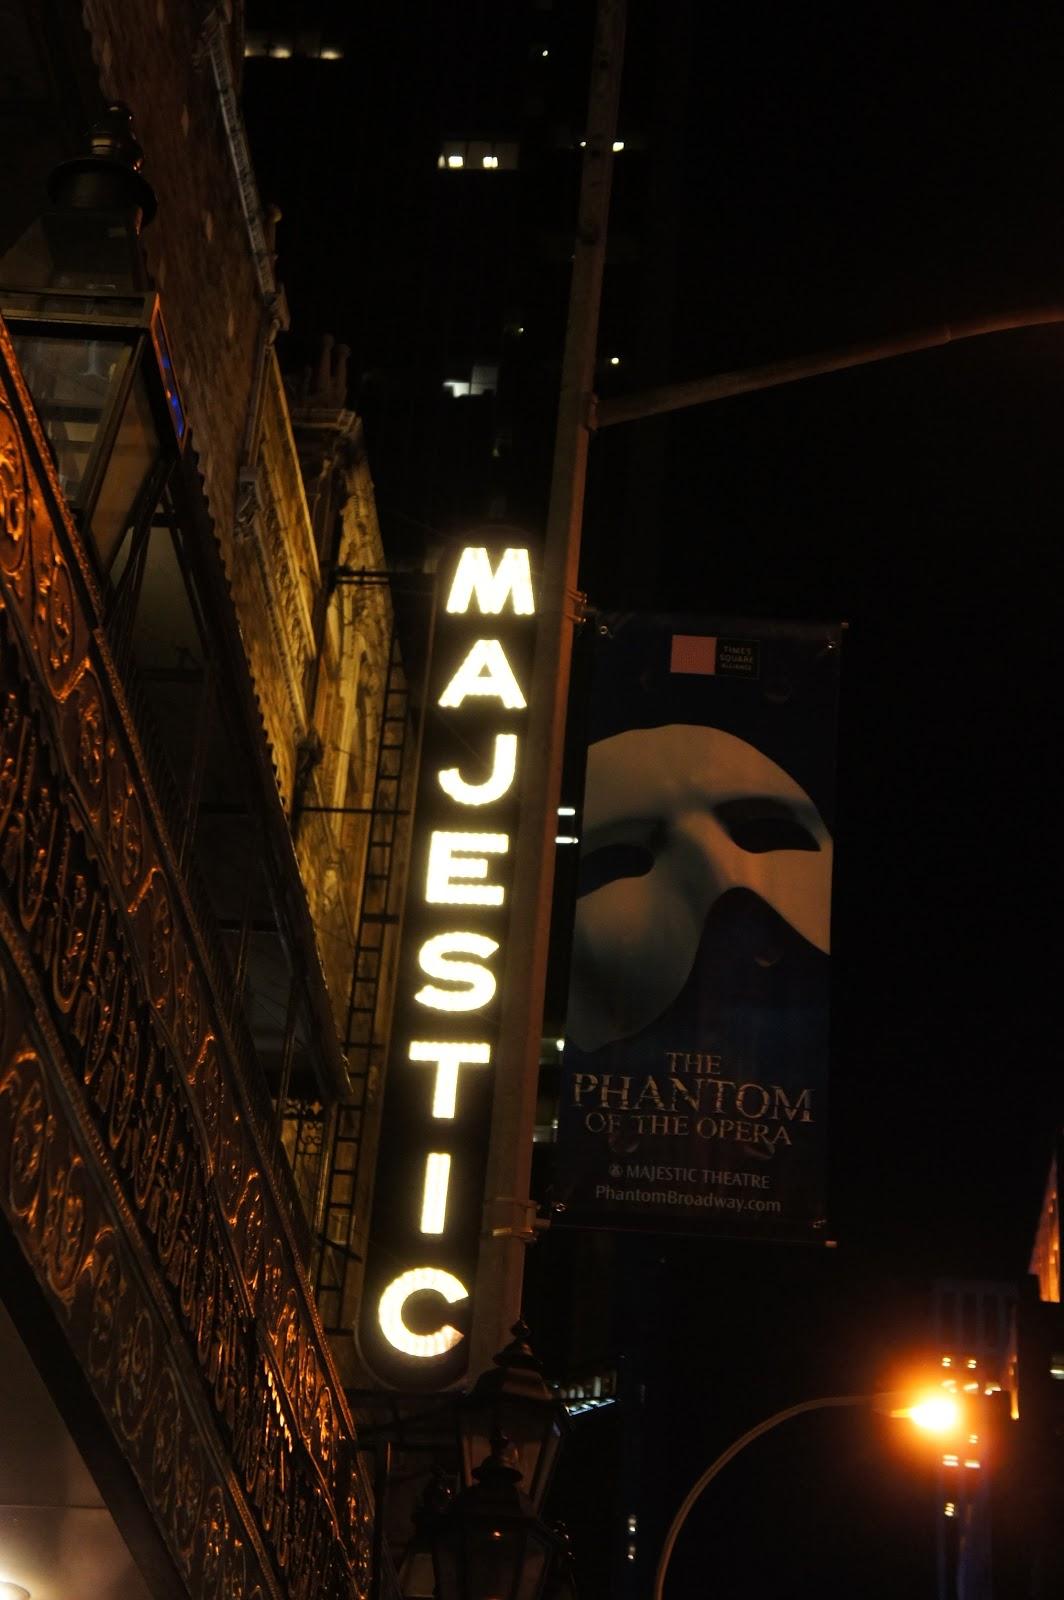 不上班的日子 ... 偽貴婦的臺傭生活: [偽貴婦看秀] 歌劇魅影(The Phantom of the Opera) : 百老匯最叫好又叫座的劇碼